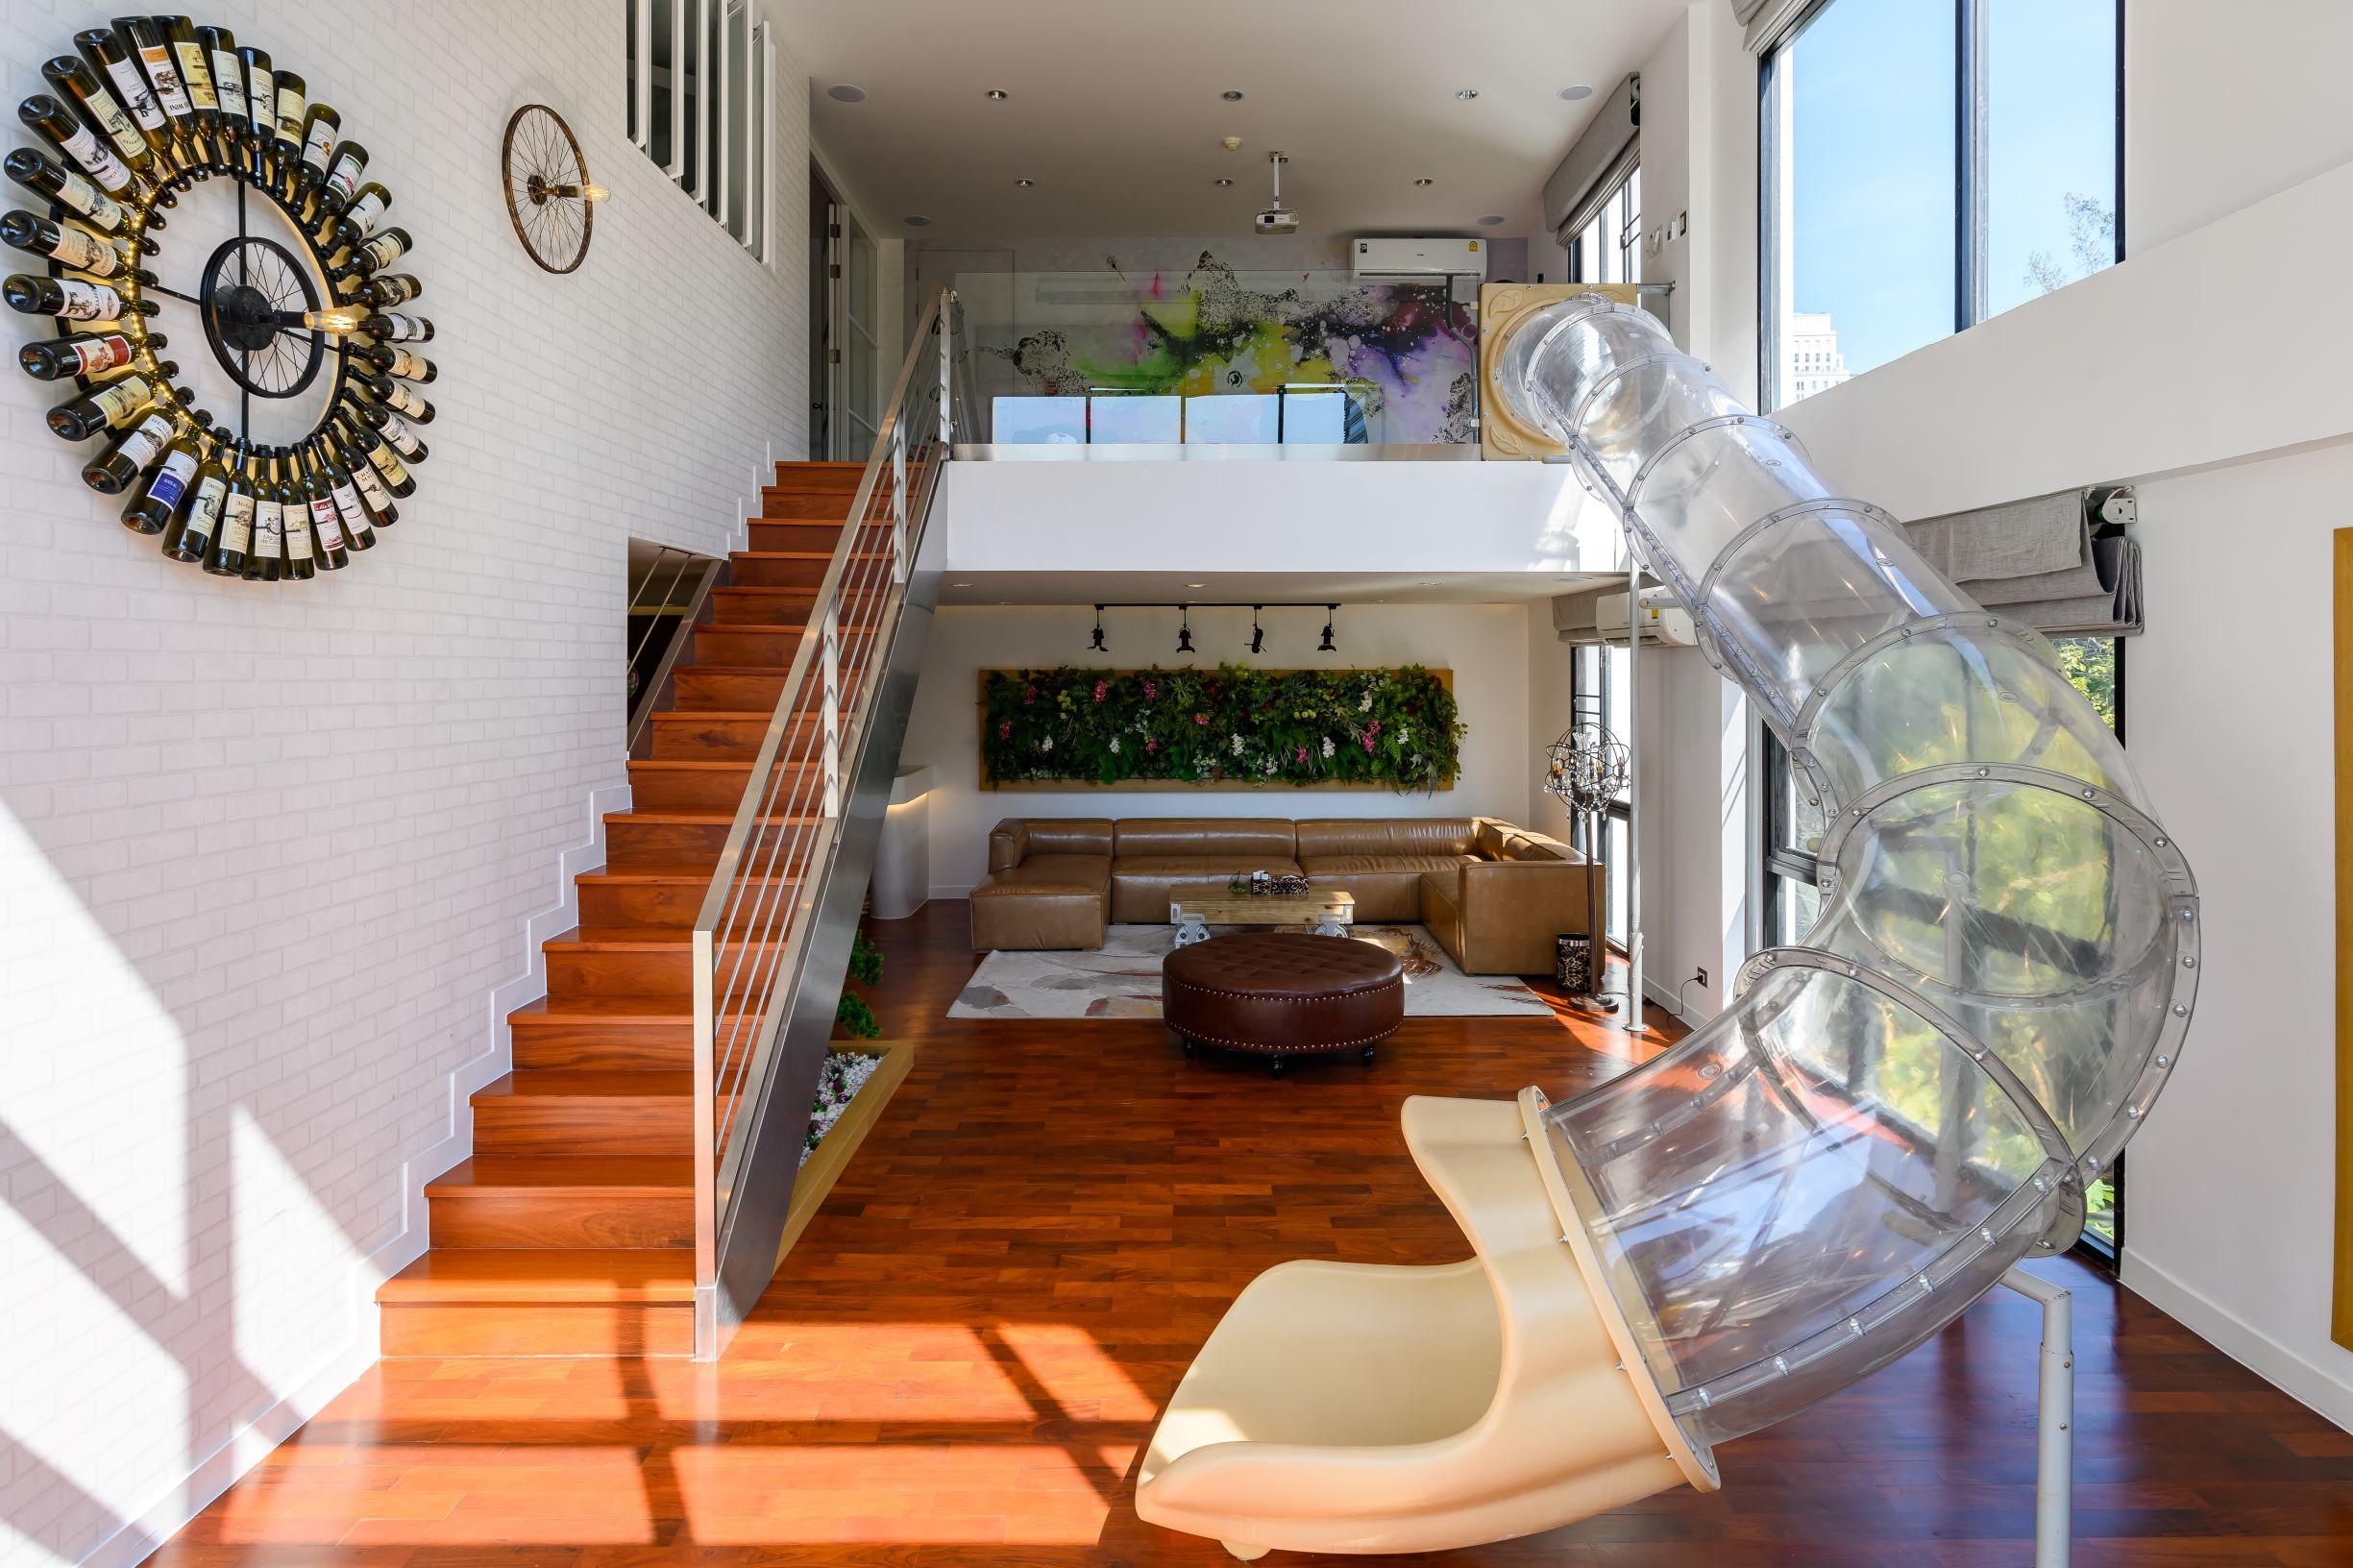 Embassy Suite Duplex Apartment in Soi Langsuan